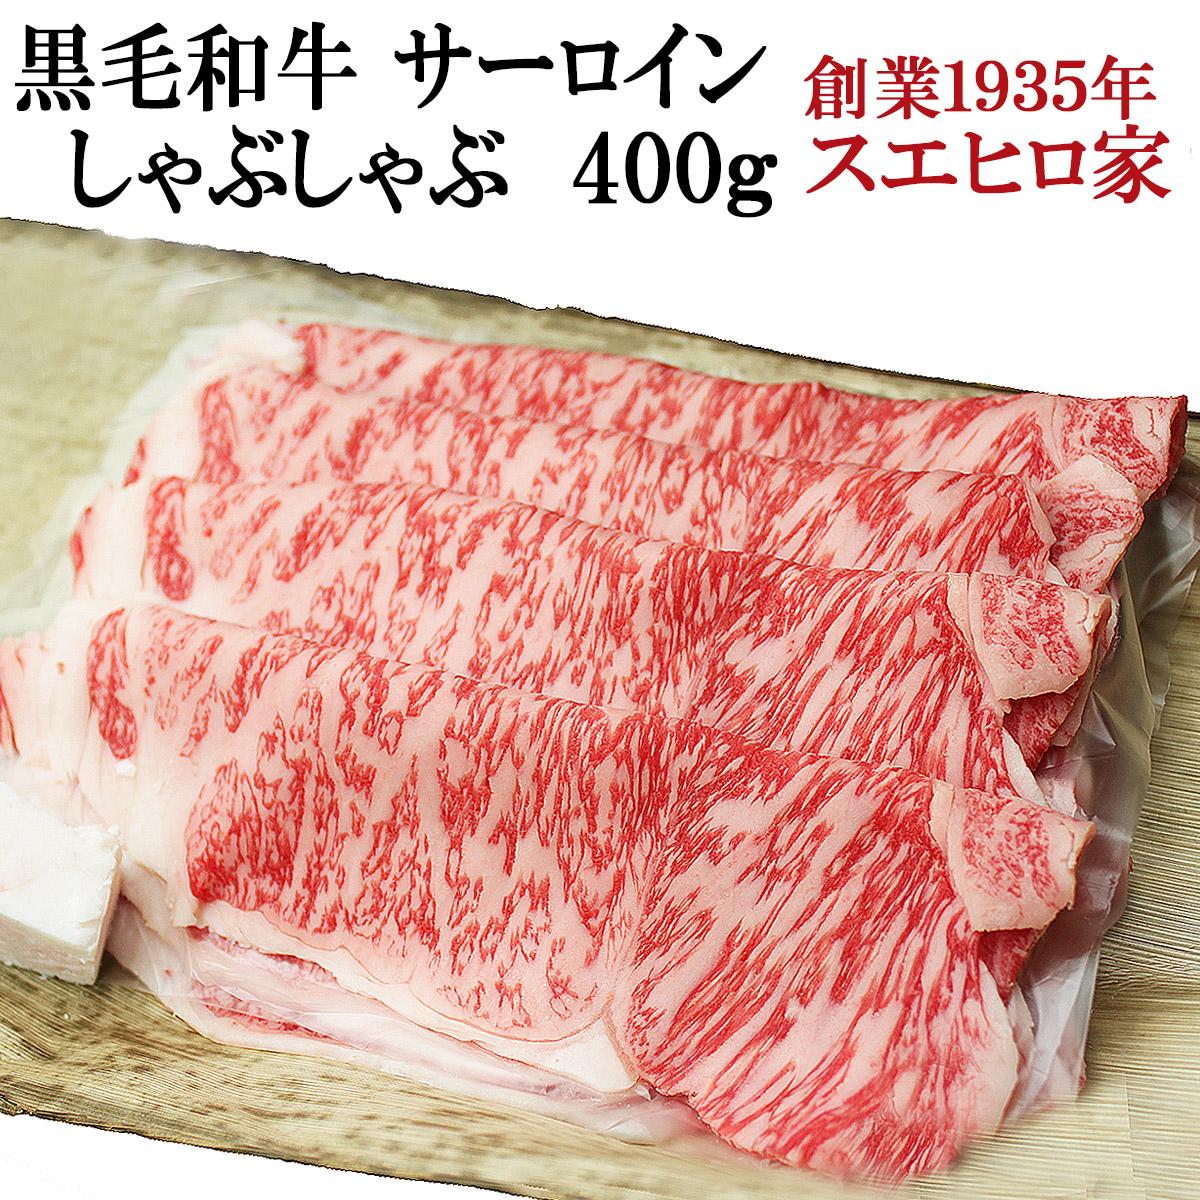 黒毛和牛霜降りサーロインしゃぶしゃぶ肉